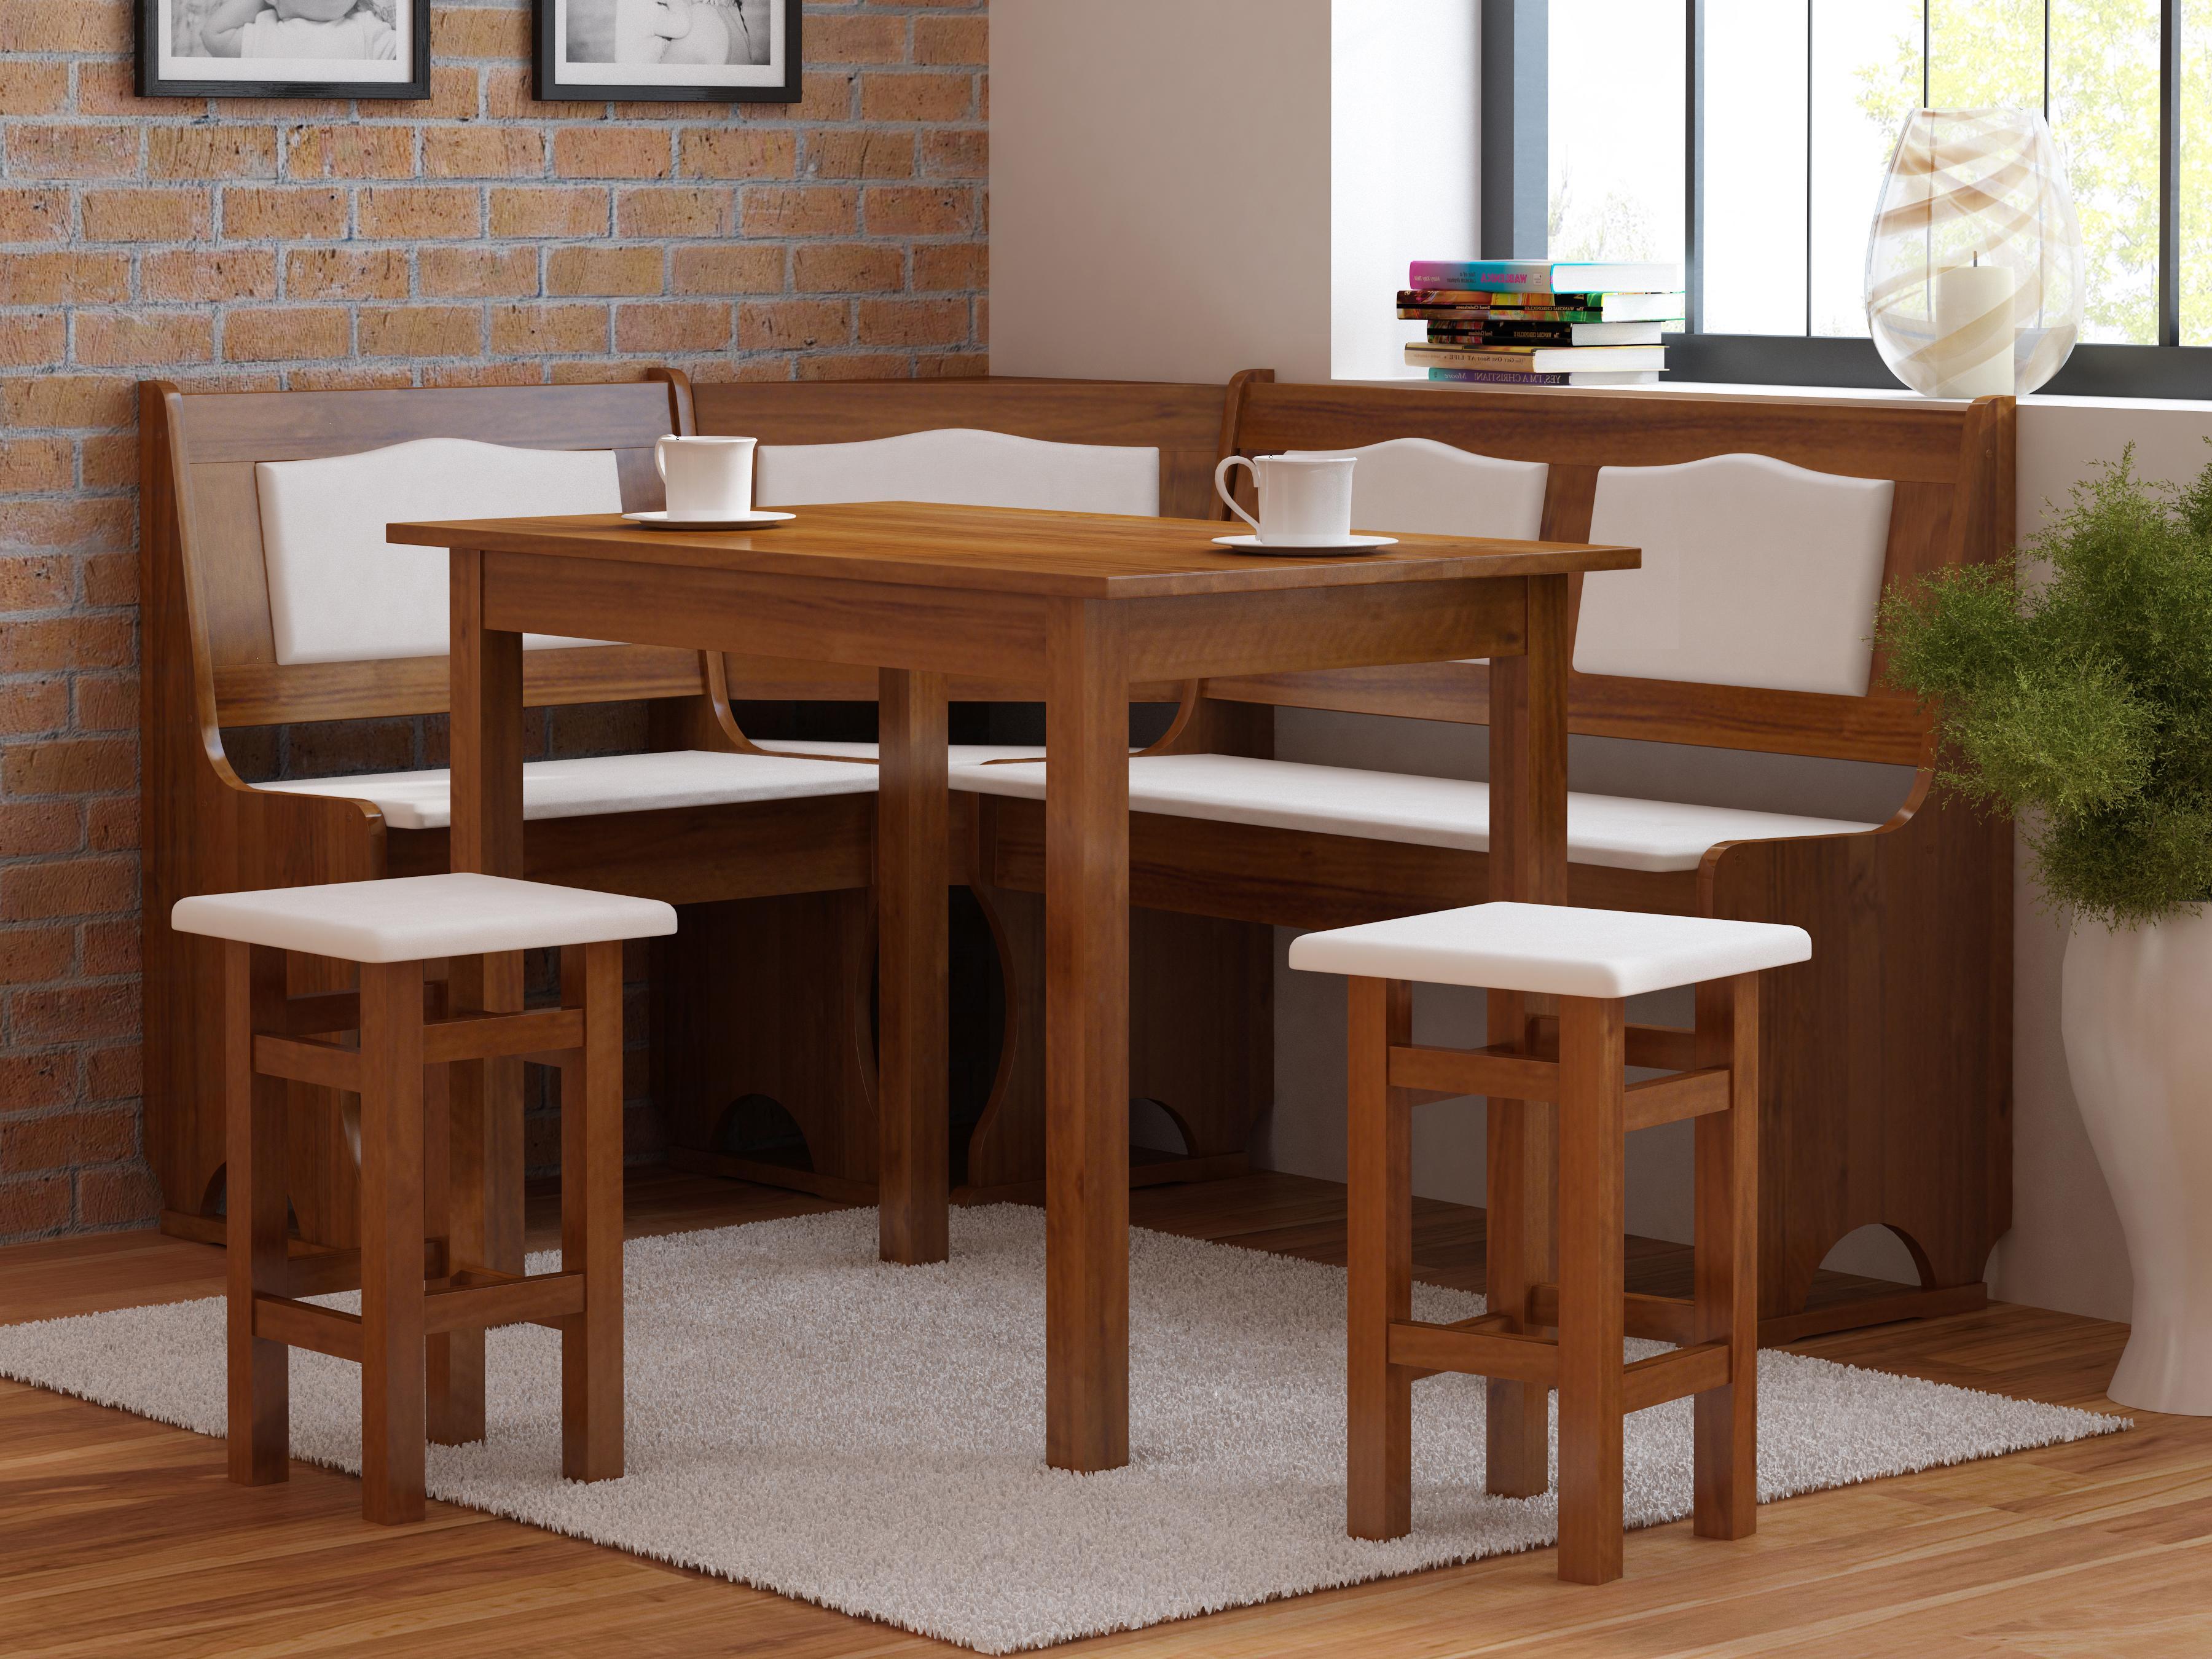 Rohový jídelní set - Monur (pro 5 osob) (L)